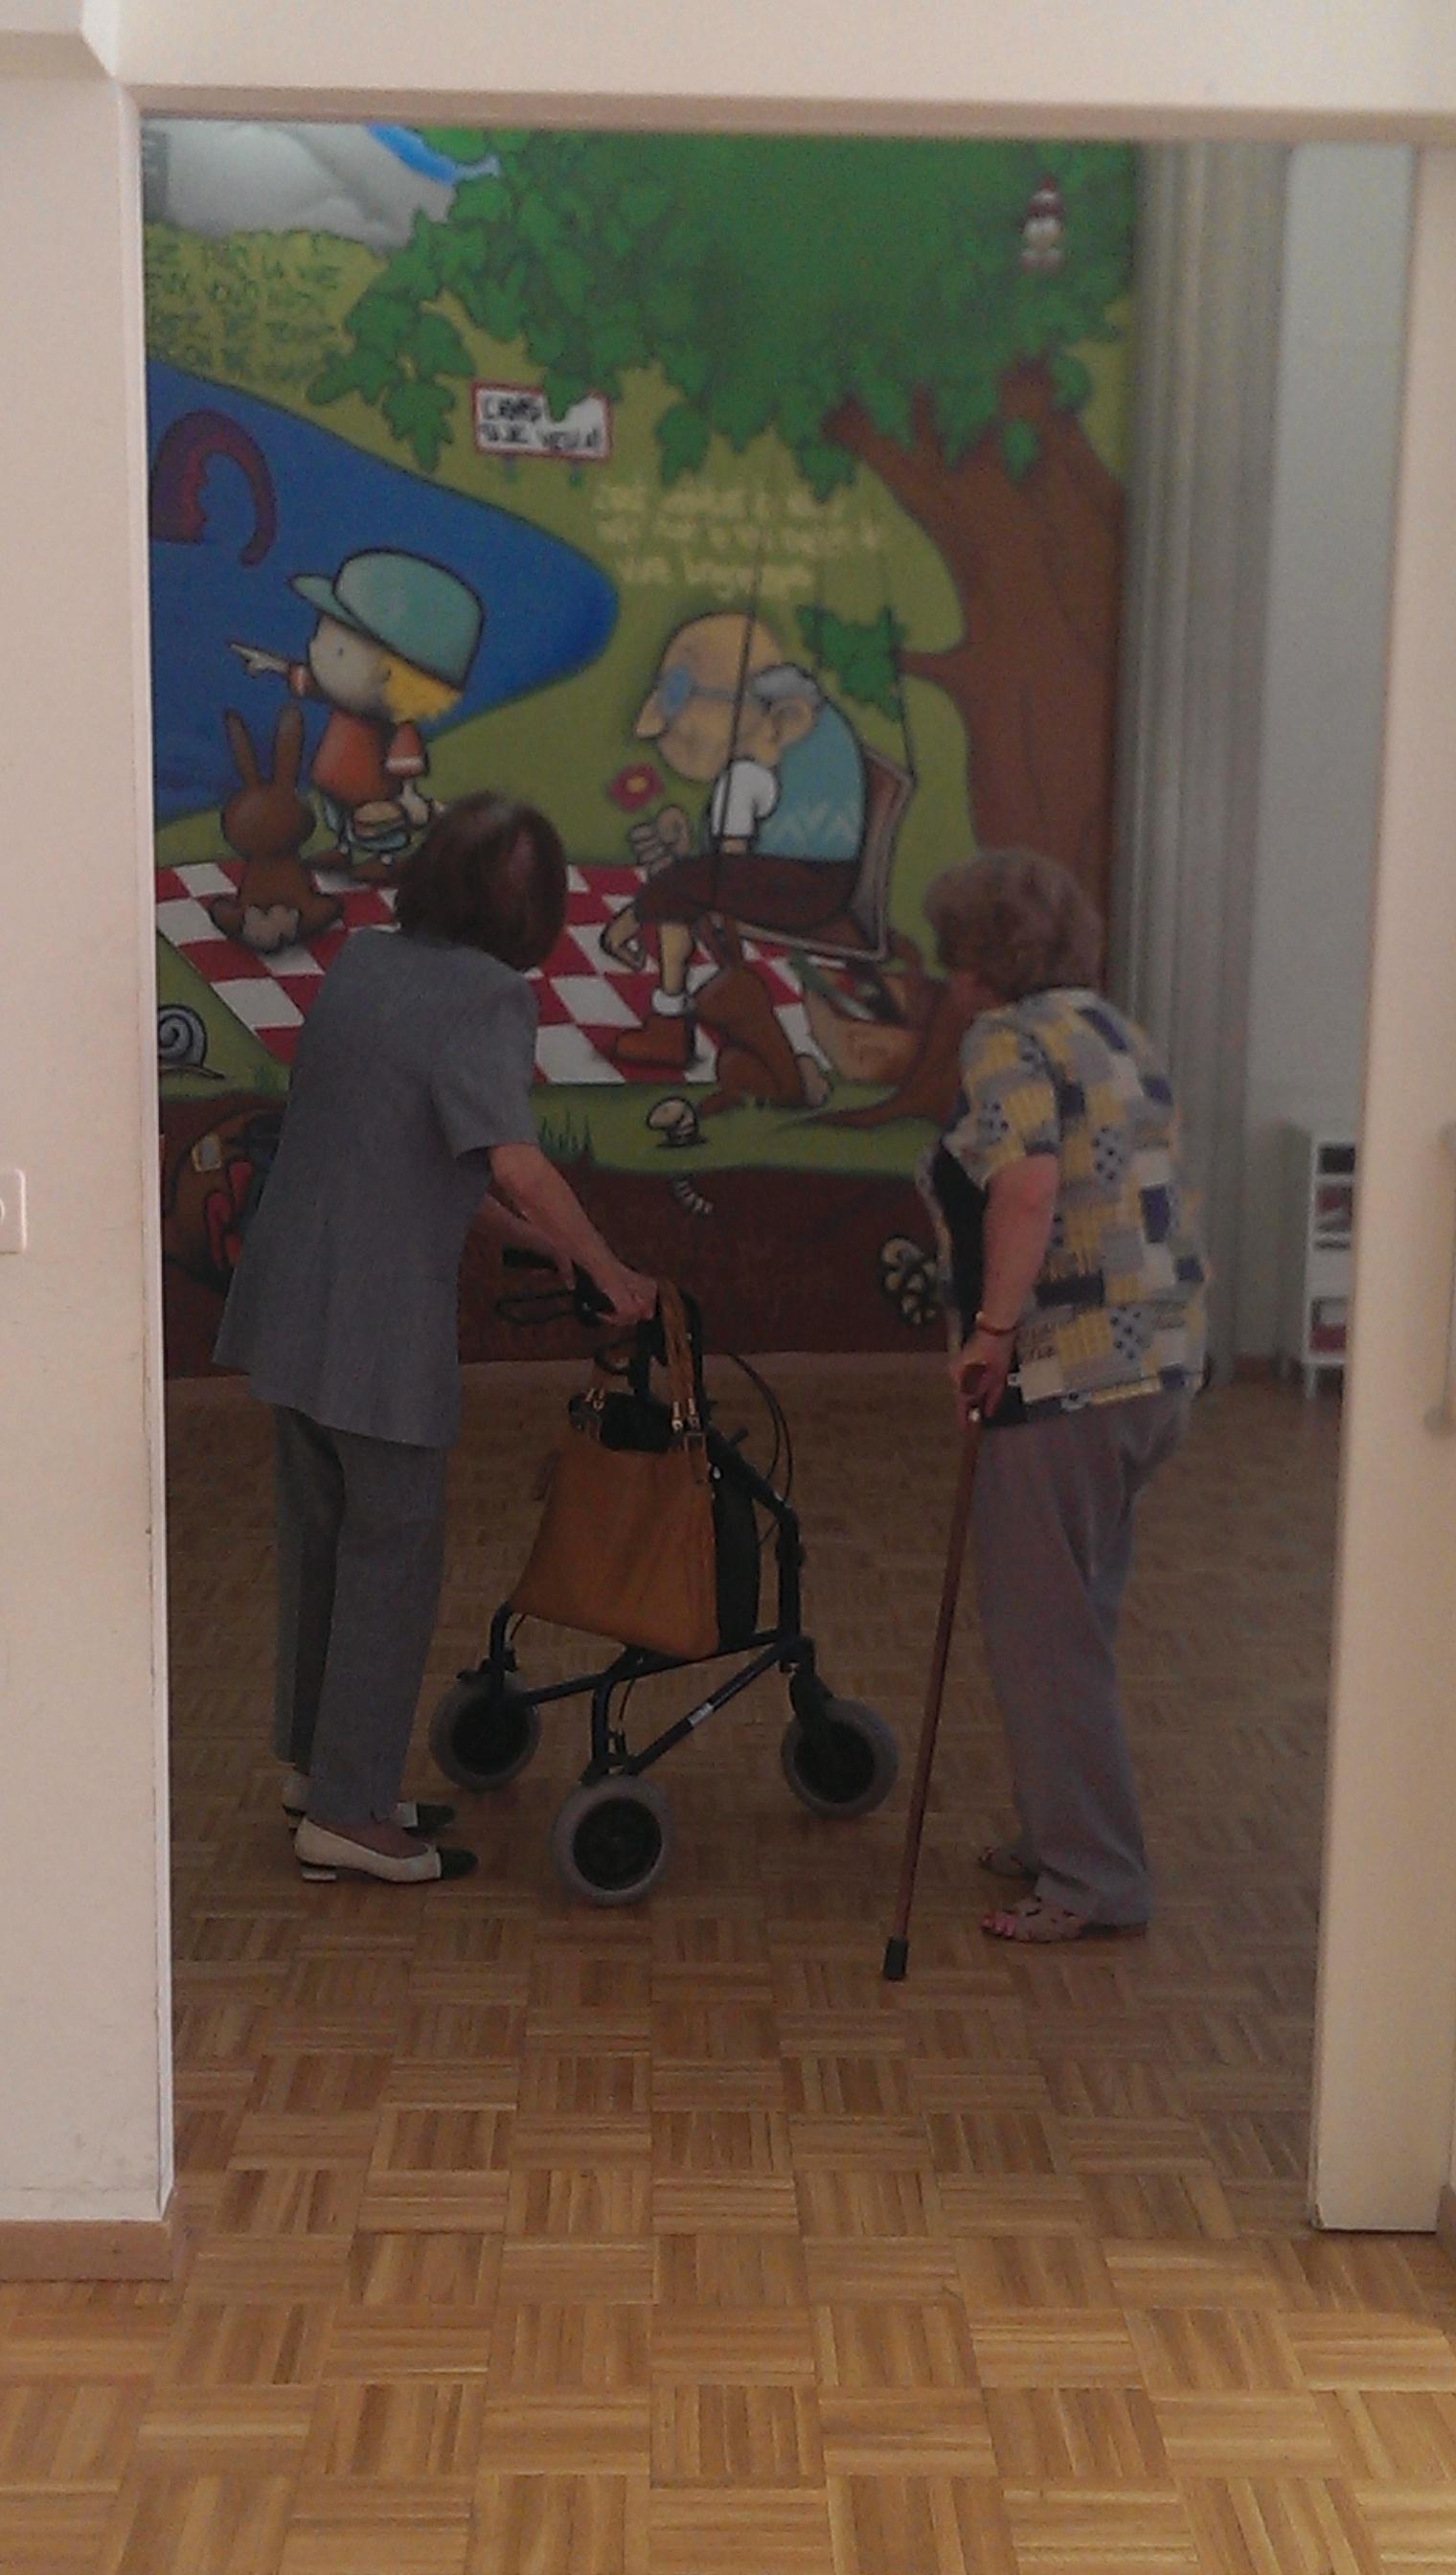 Foyer Handicap Plan Les Ouates : Graffiti intergénérationnel au foyer soubeyran signé genève